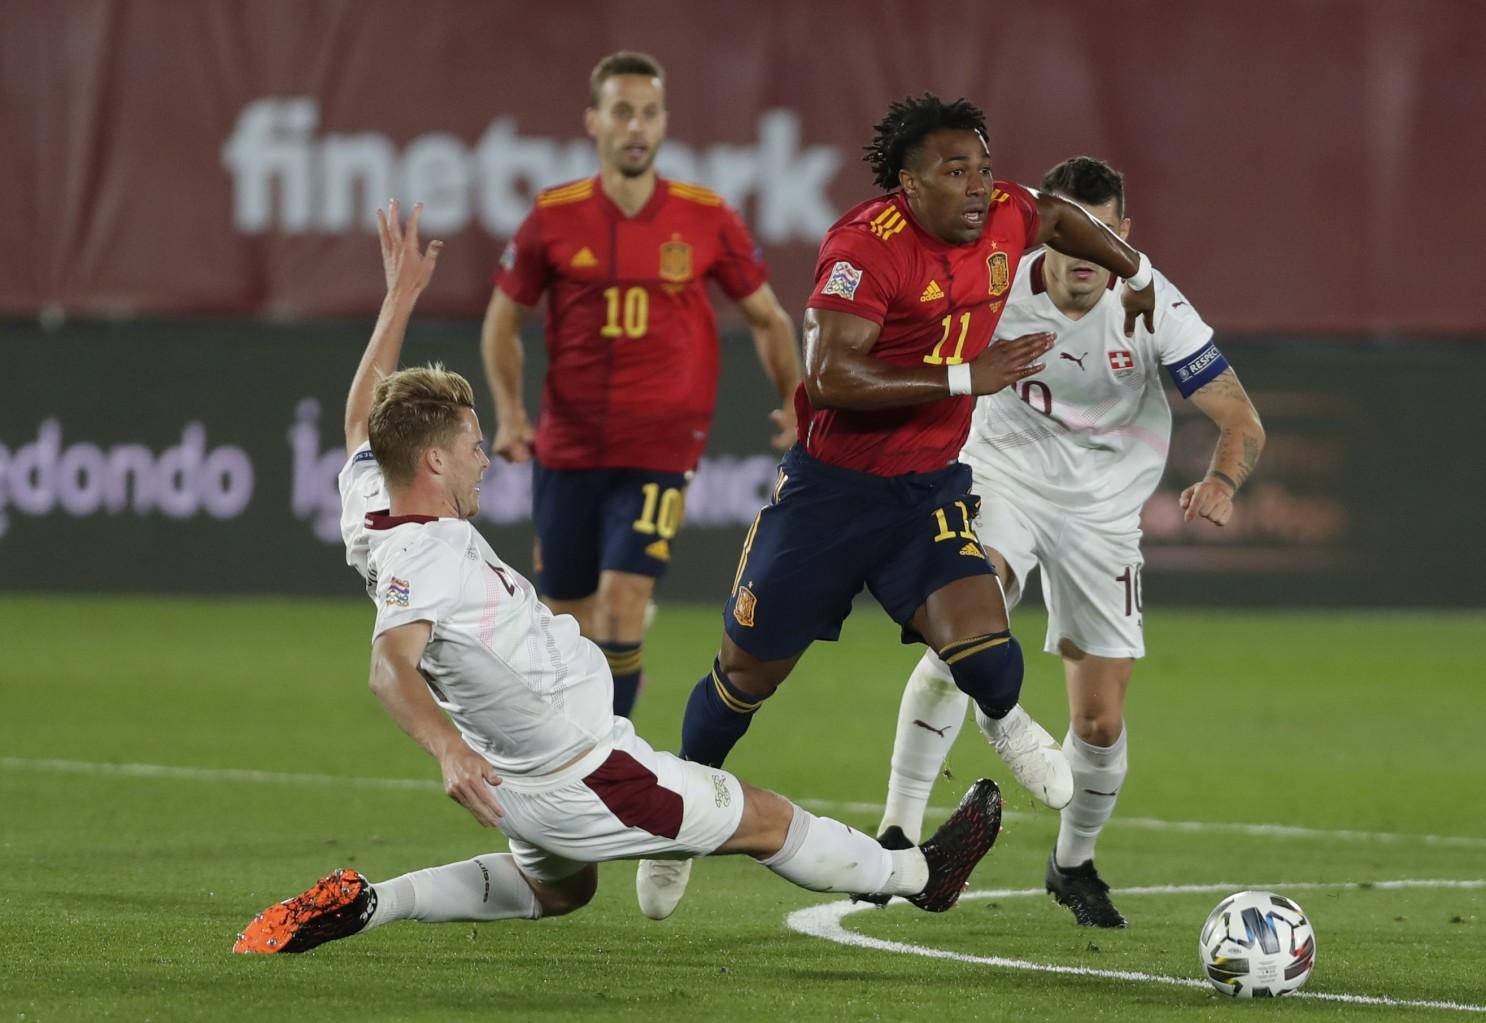 Lịch sử đối đầu Thụy Sỹ vs Tây Ban Nha trước tứ kết EURO 2021